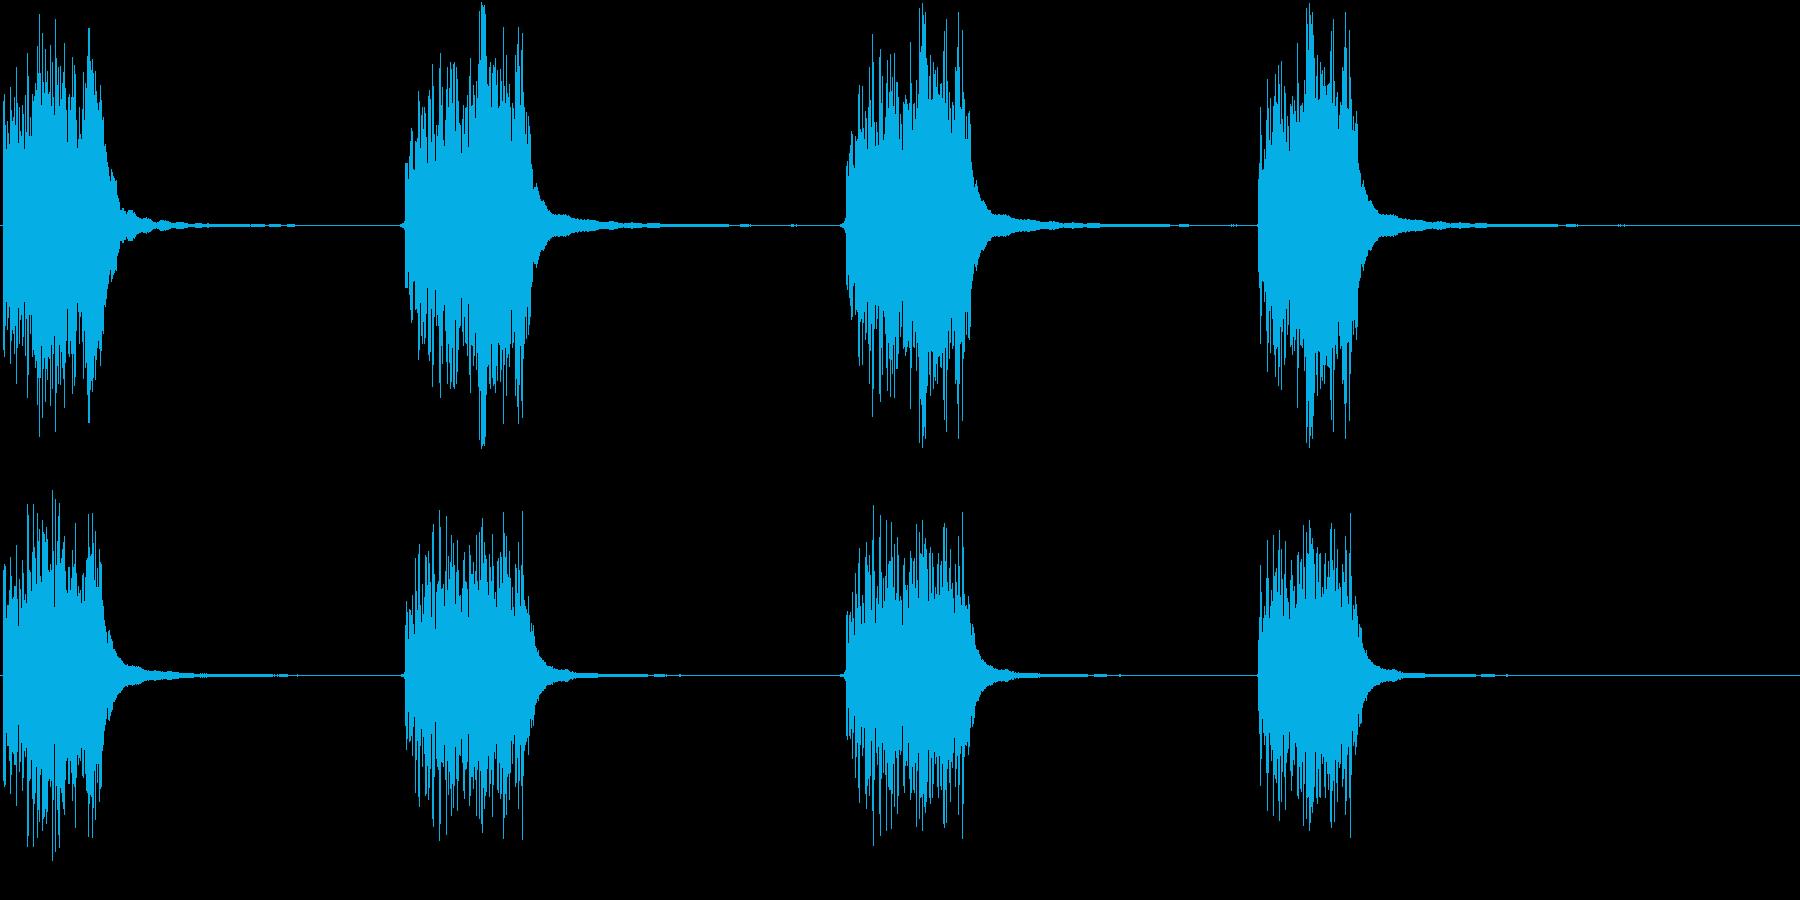 電話リング;ベルのガラガラ音、リン...の再生済みの波形